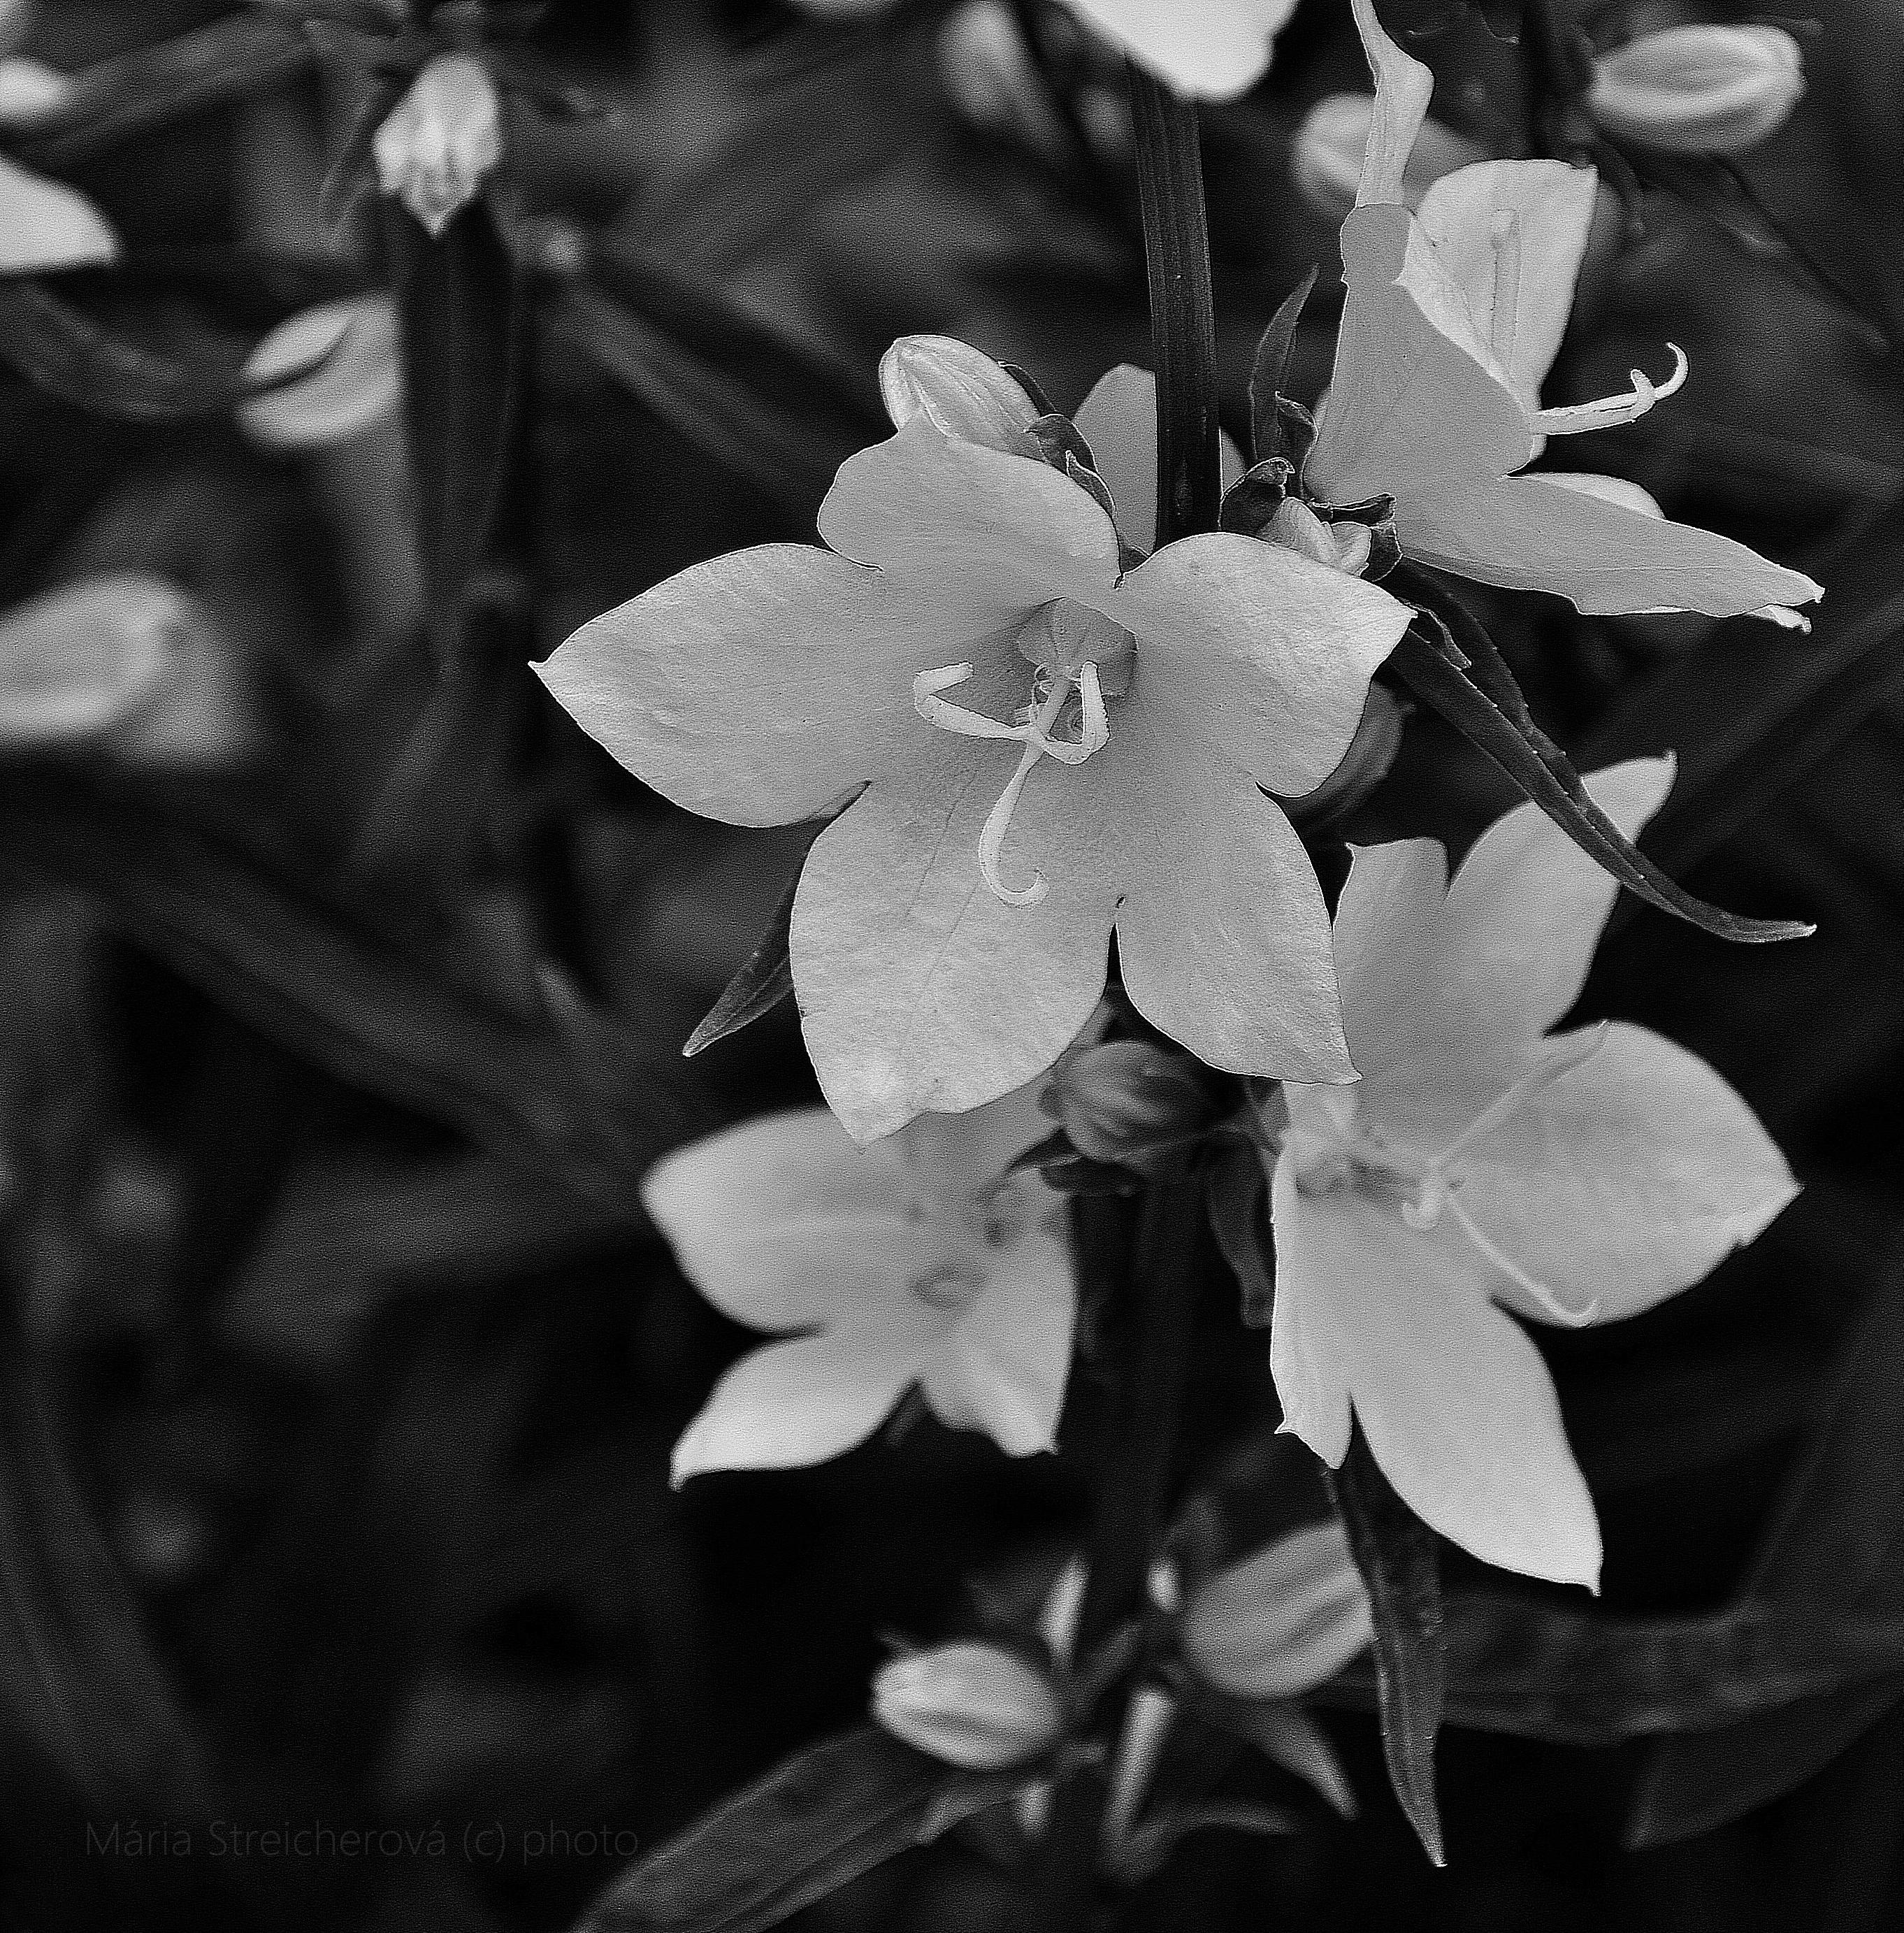 Čiernobiela fotografia bielych kvetov zvončekov, detail.